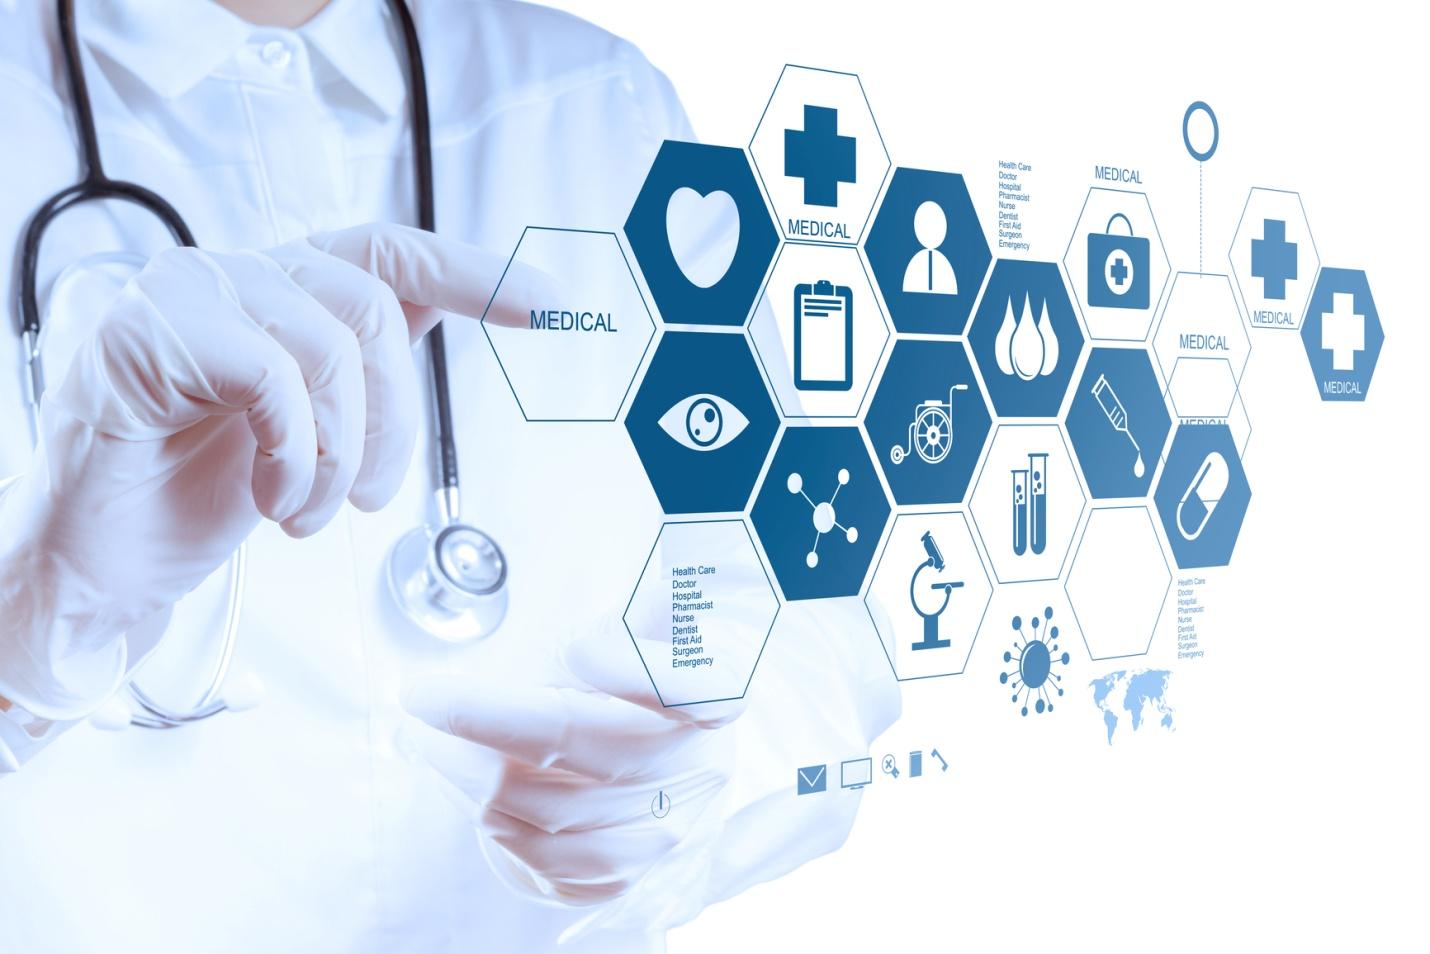 Định hướng nghề nghiệp với việc làm y dược cho những y sĩ tương lai